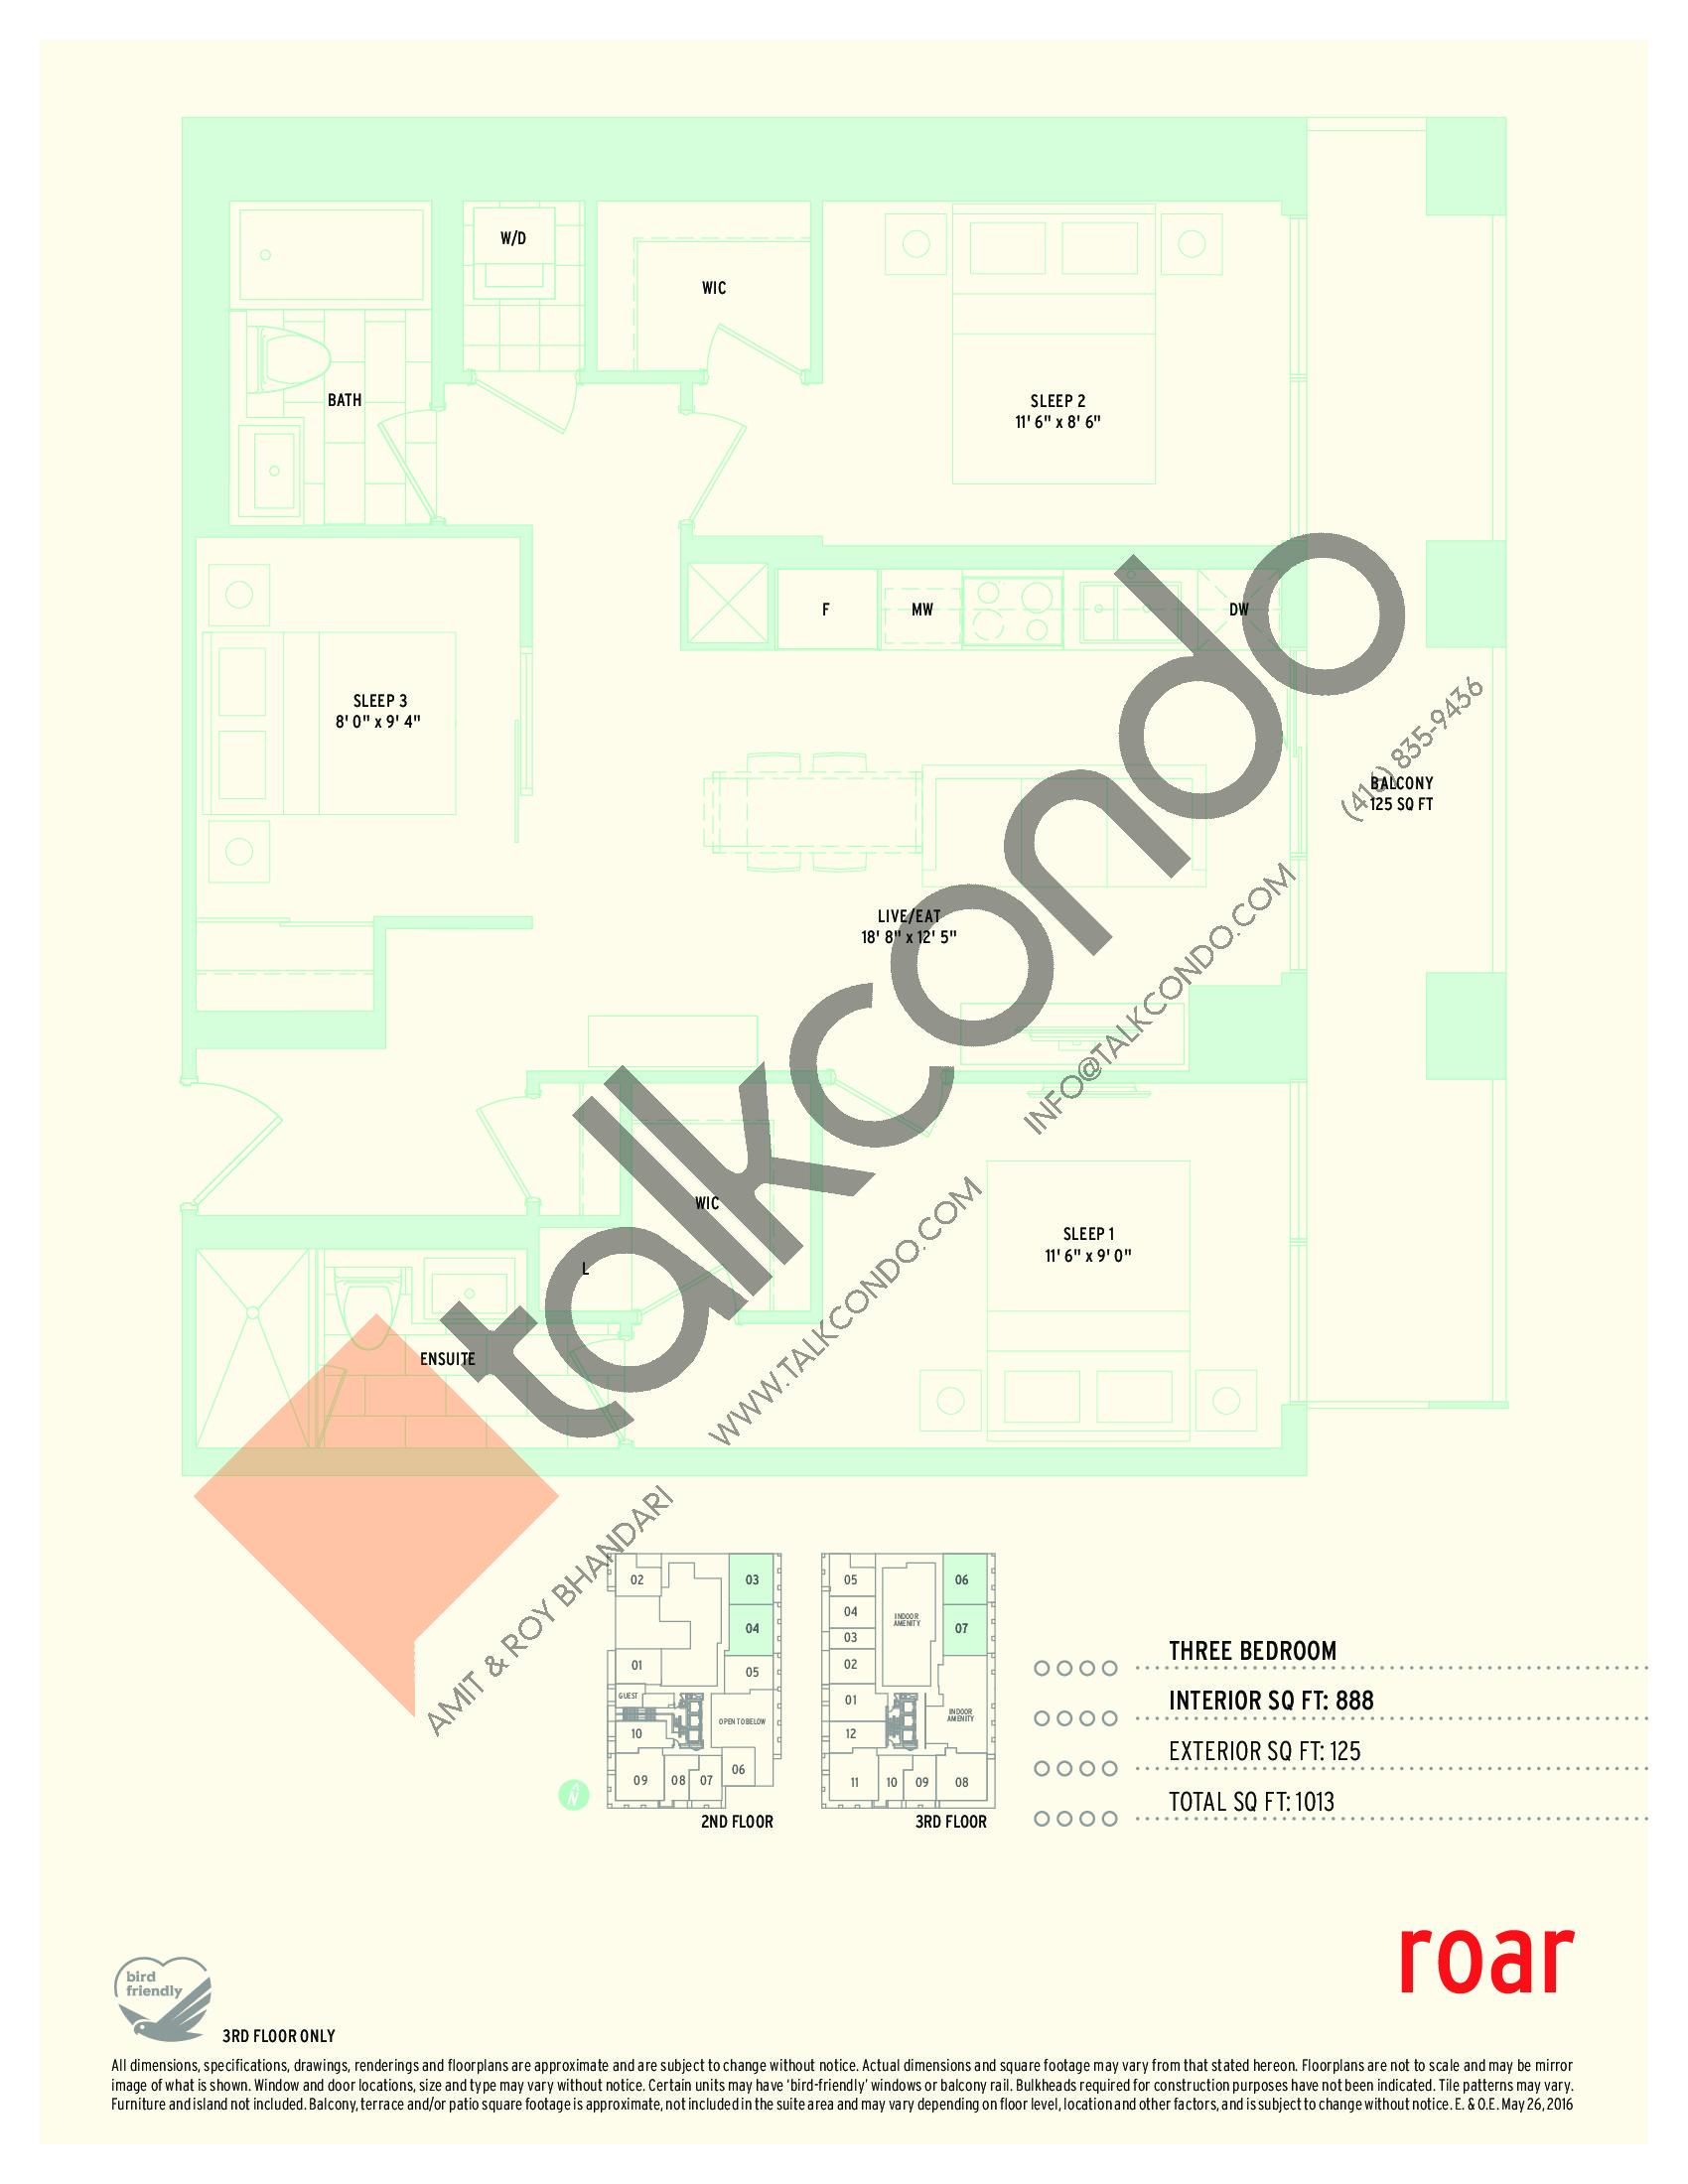 Roar Floor Plan at Sonic Condos - 888 sq.ft